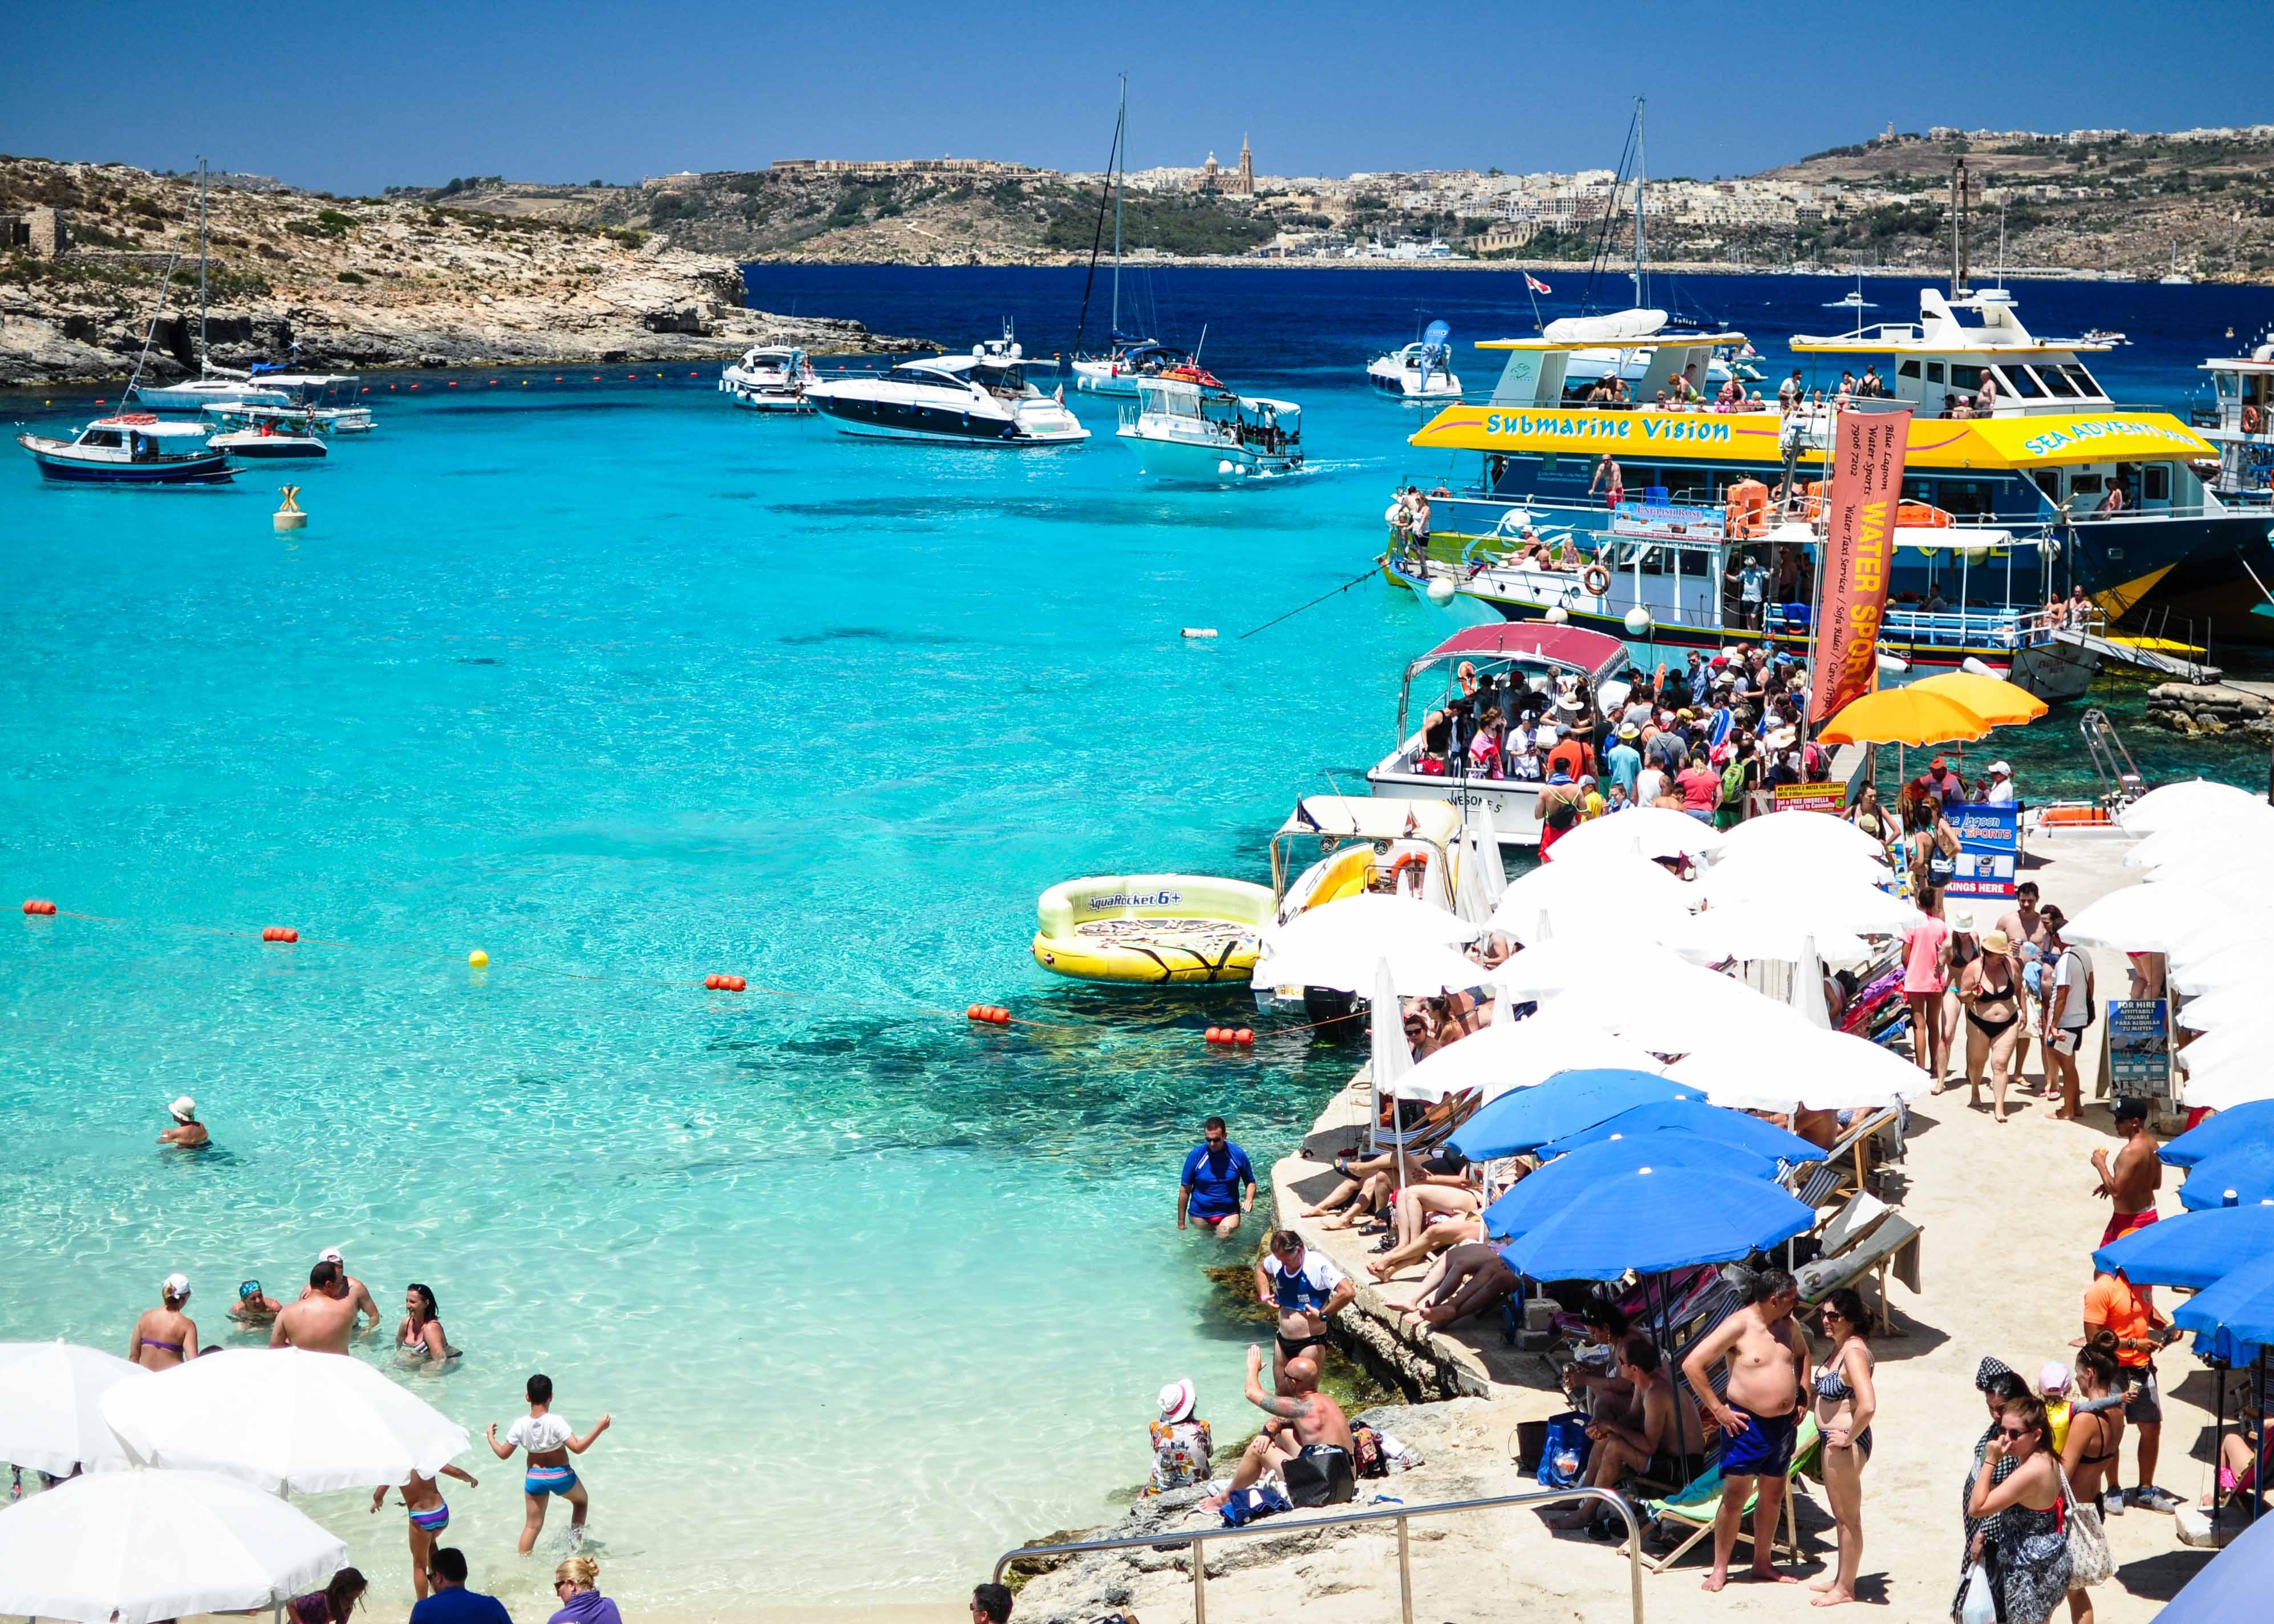 Best beaches in Malta: Blue Lagoon